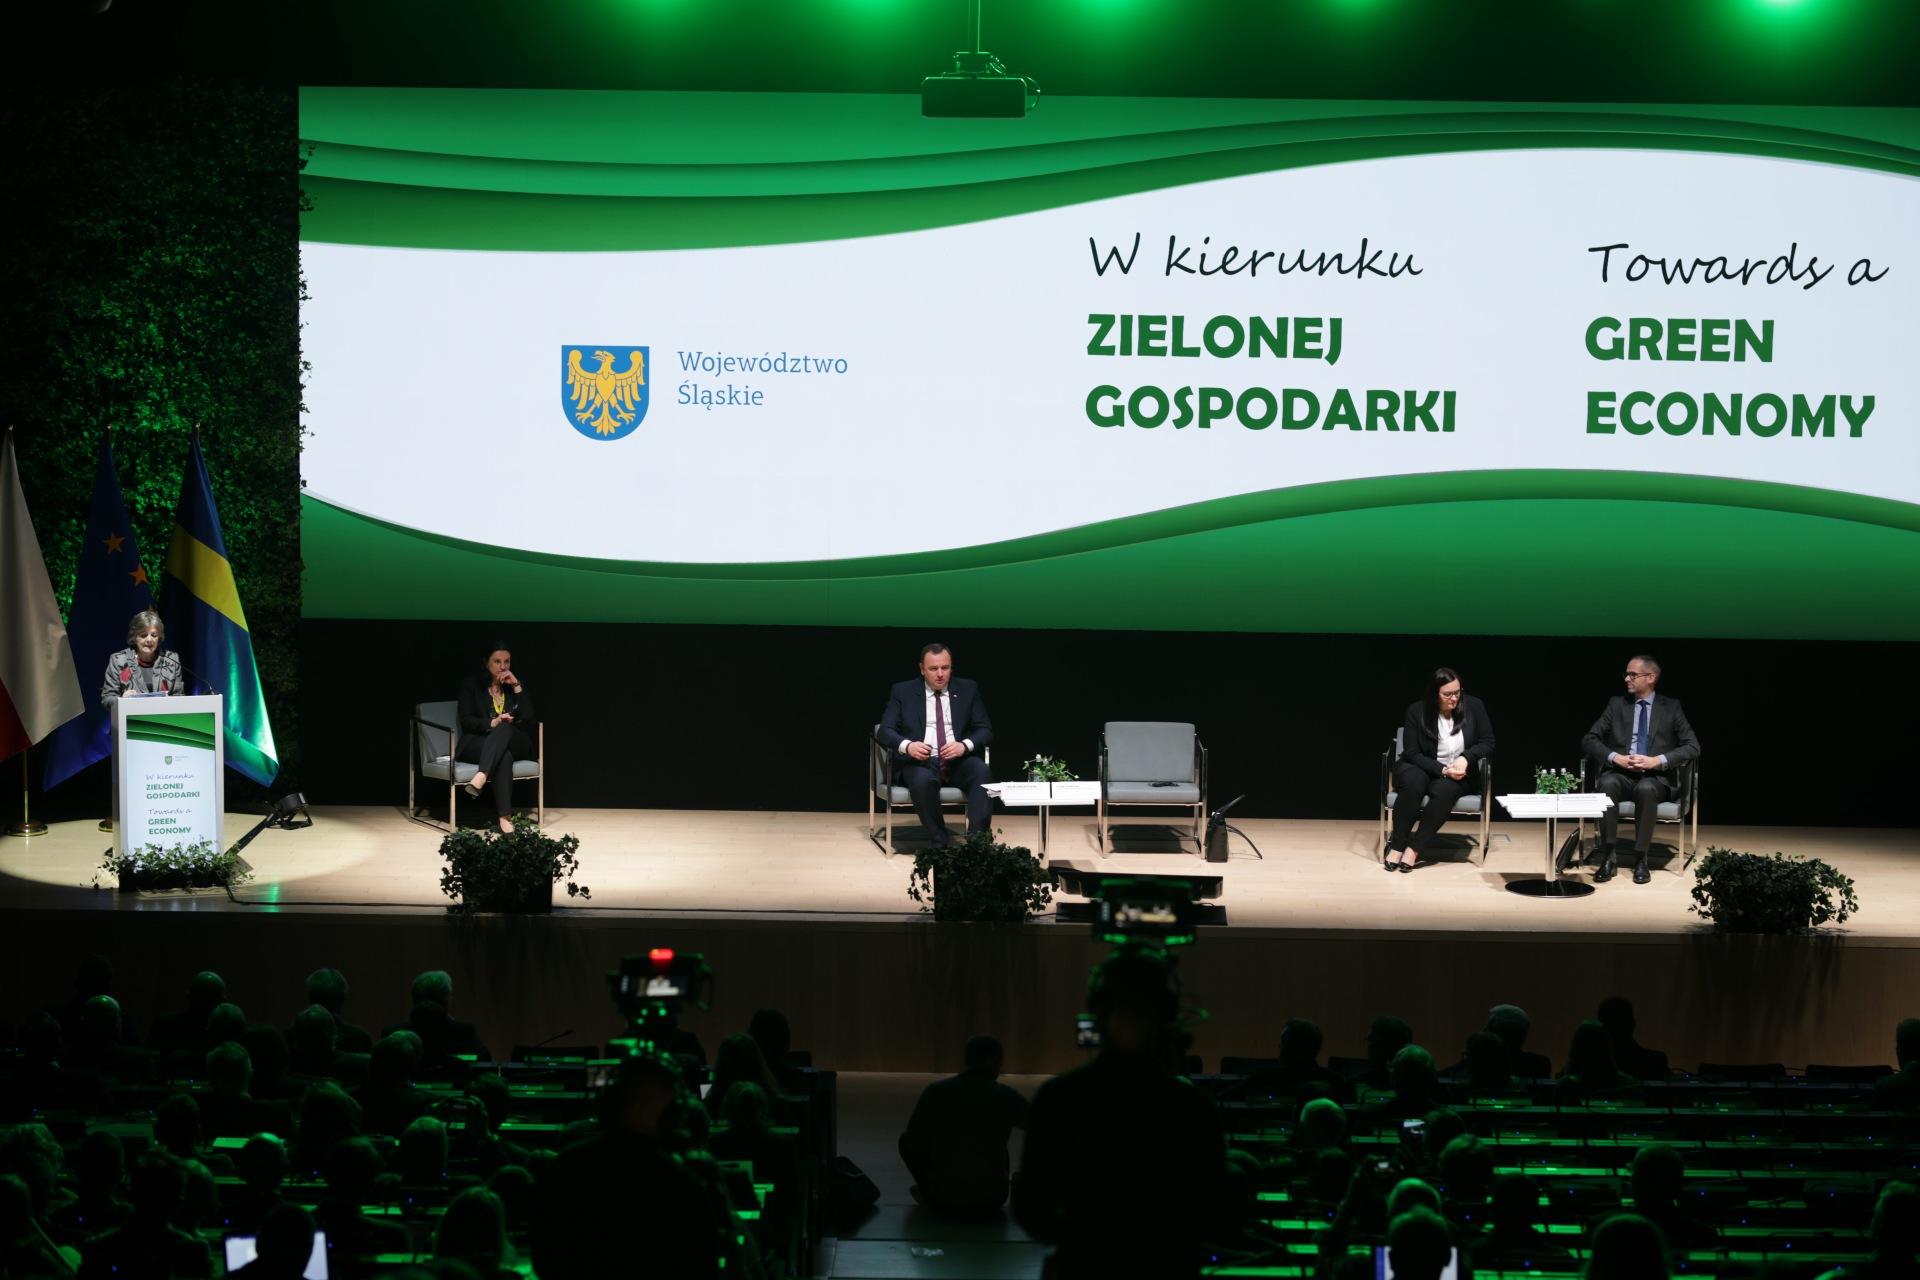 """Na scenie ustawione są fotele oraz mównica. Cztery osoby siedzą, piąta przemawia. Za nimi biało-zielony baner z napisami """"w kierunku zielonej gospodarki"""" oraz godło województwa śląskiego."""